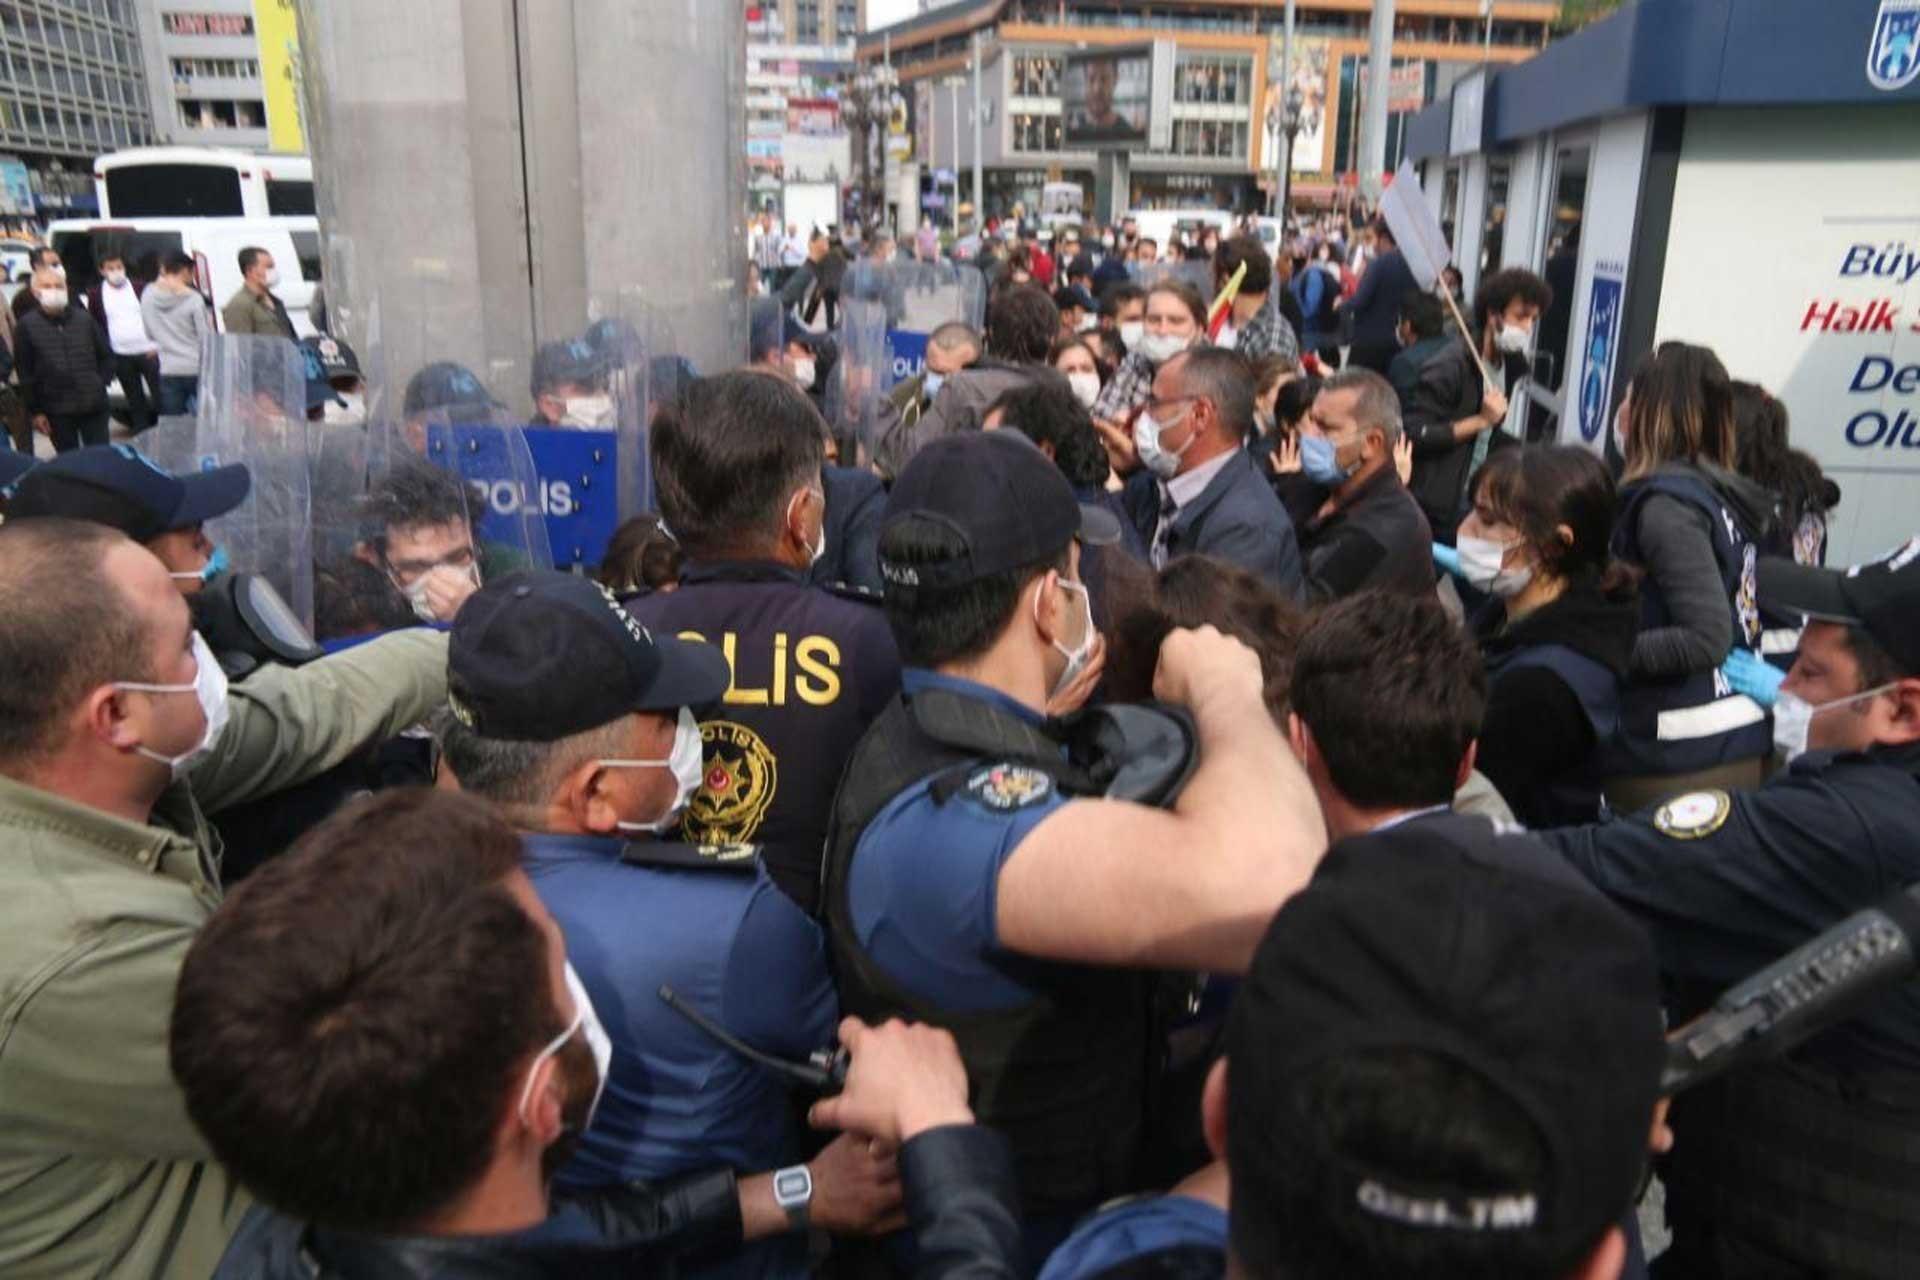 Ankara'da Ethem SArısülük için yapılan anmada polis vatandaşlara müdahale ediyor.